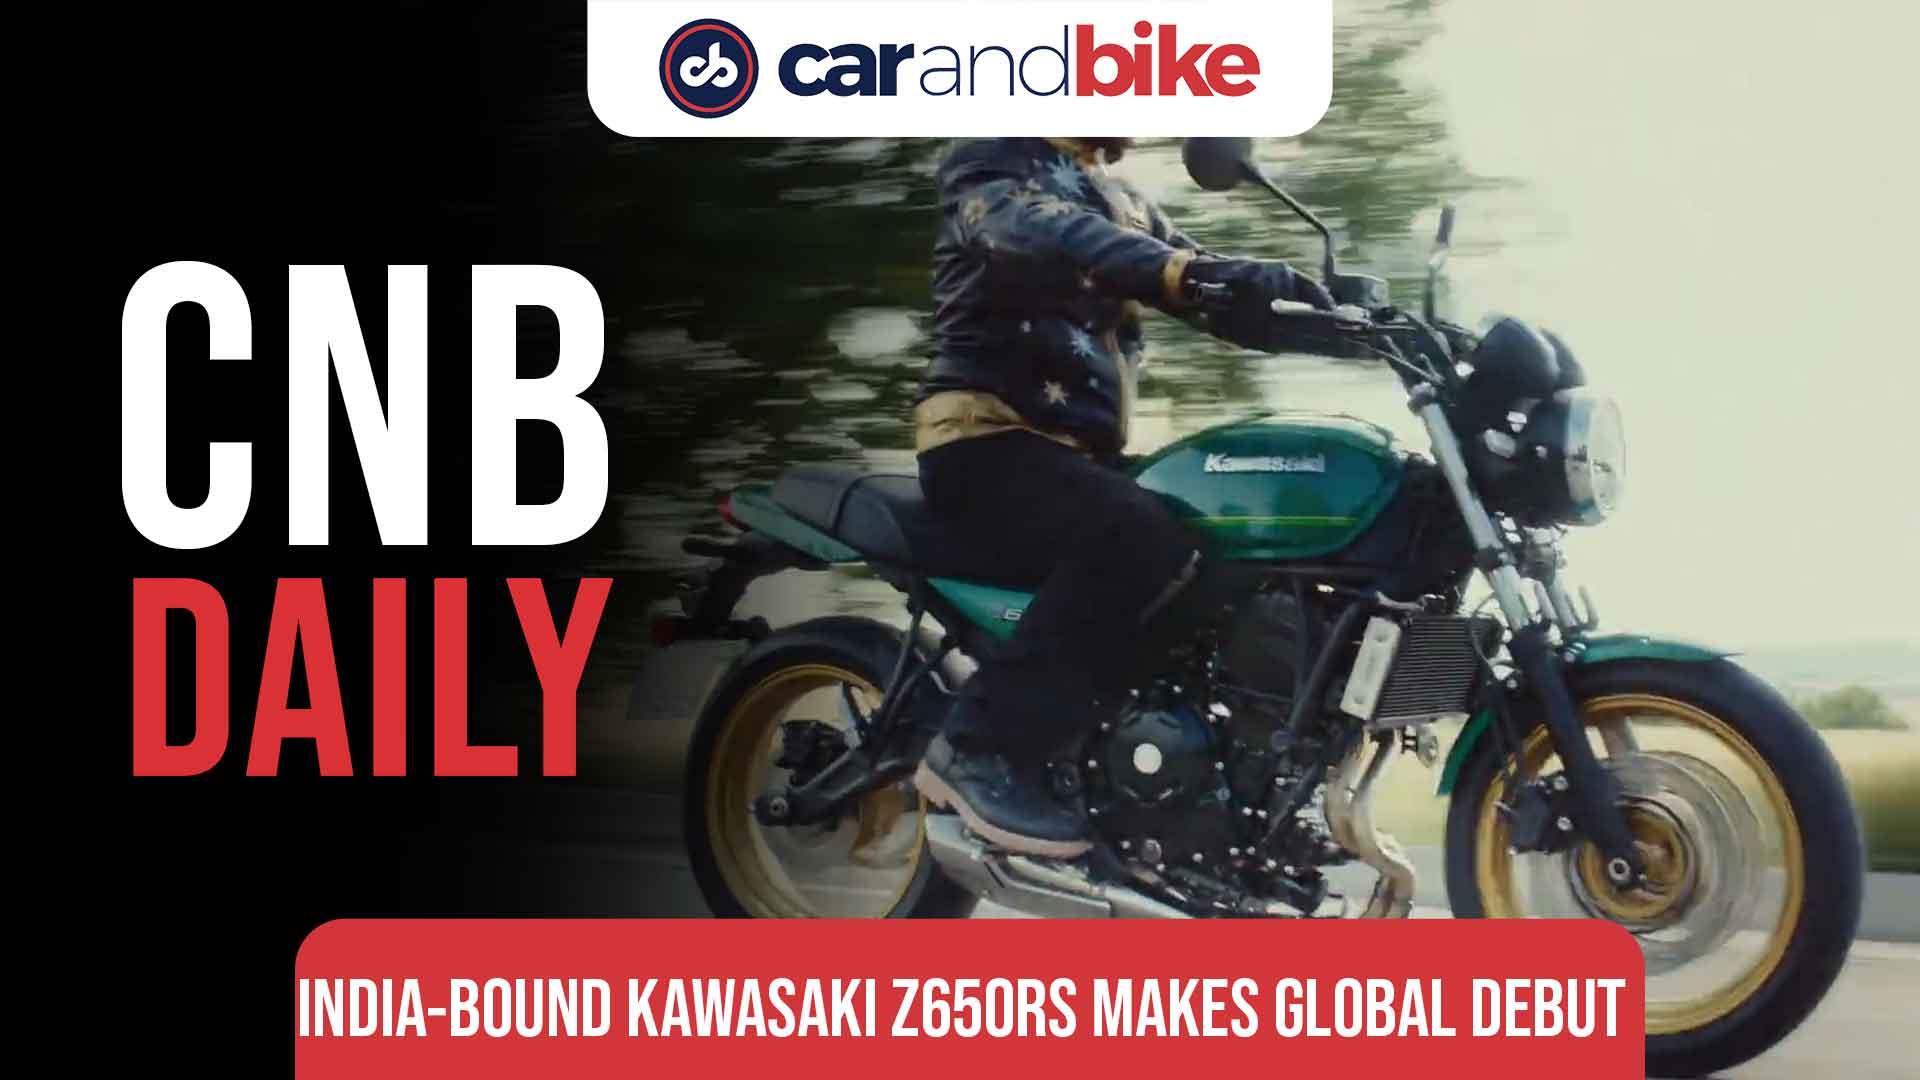 Kawasaki Z650RS makes global debut